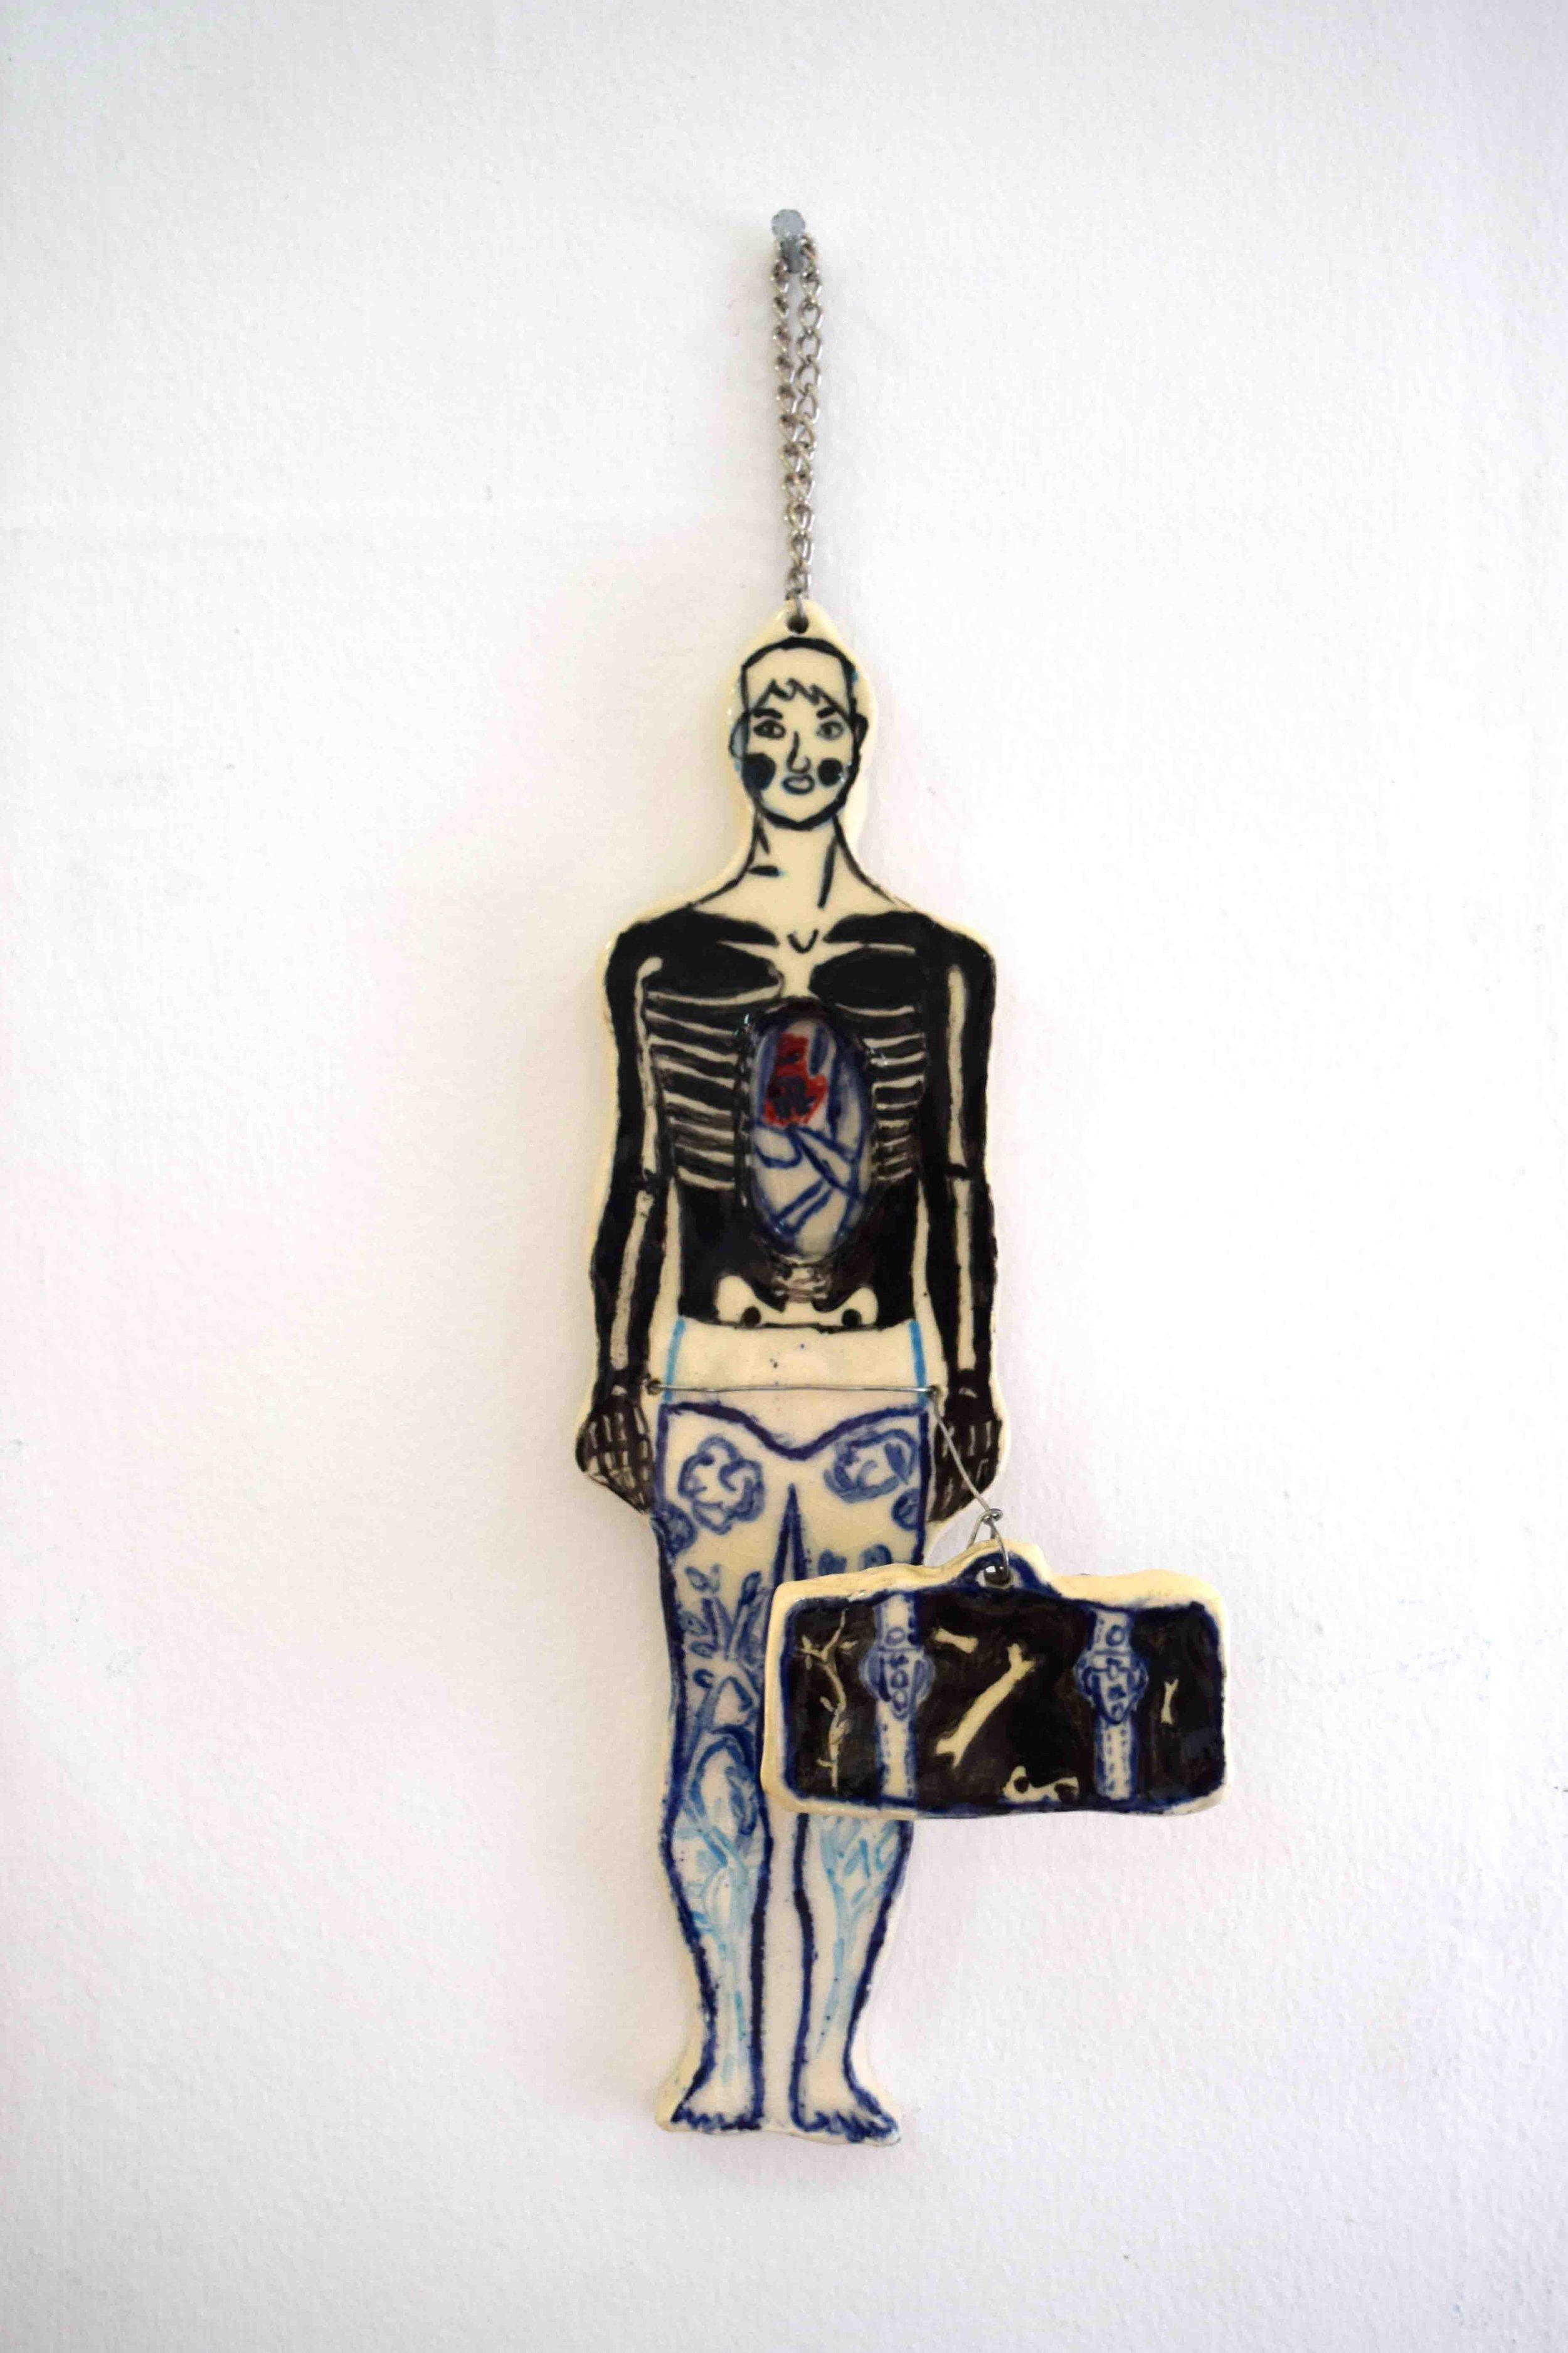 6. Lucas Rummer,  Insideout , ceramic, 25 x 7 cm NFS   RUNNER UP - SCULPTURE